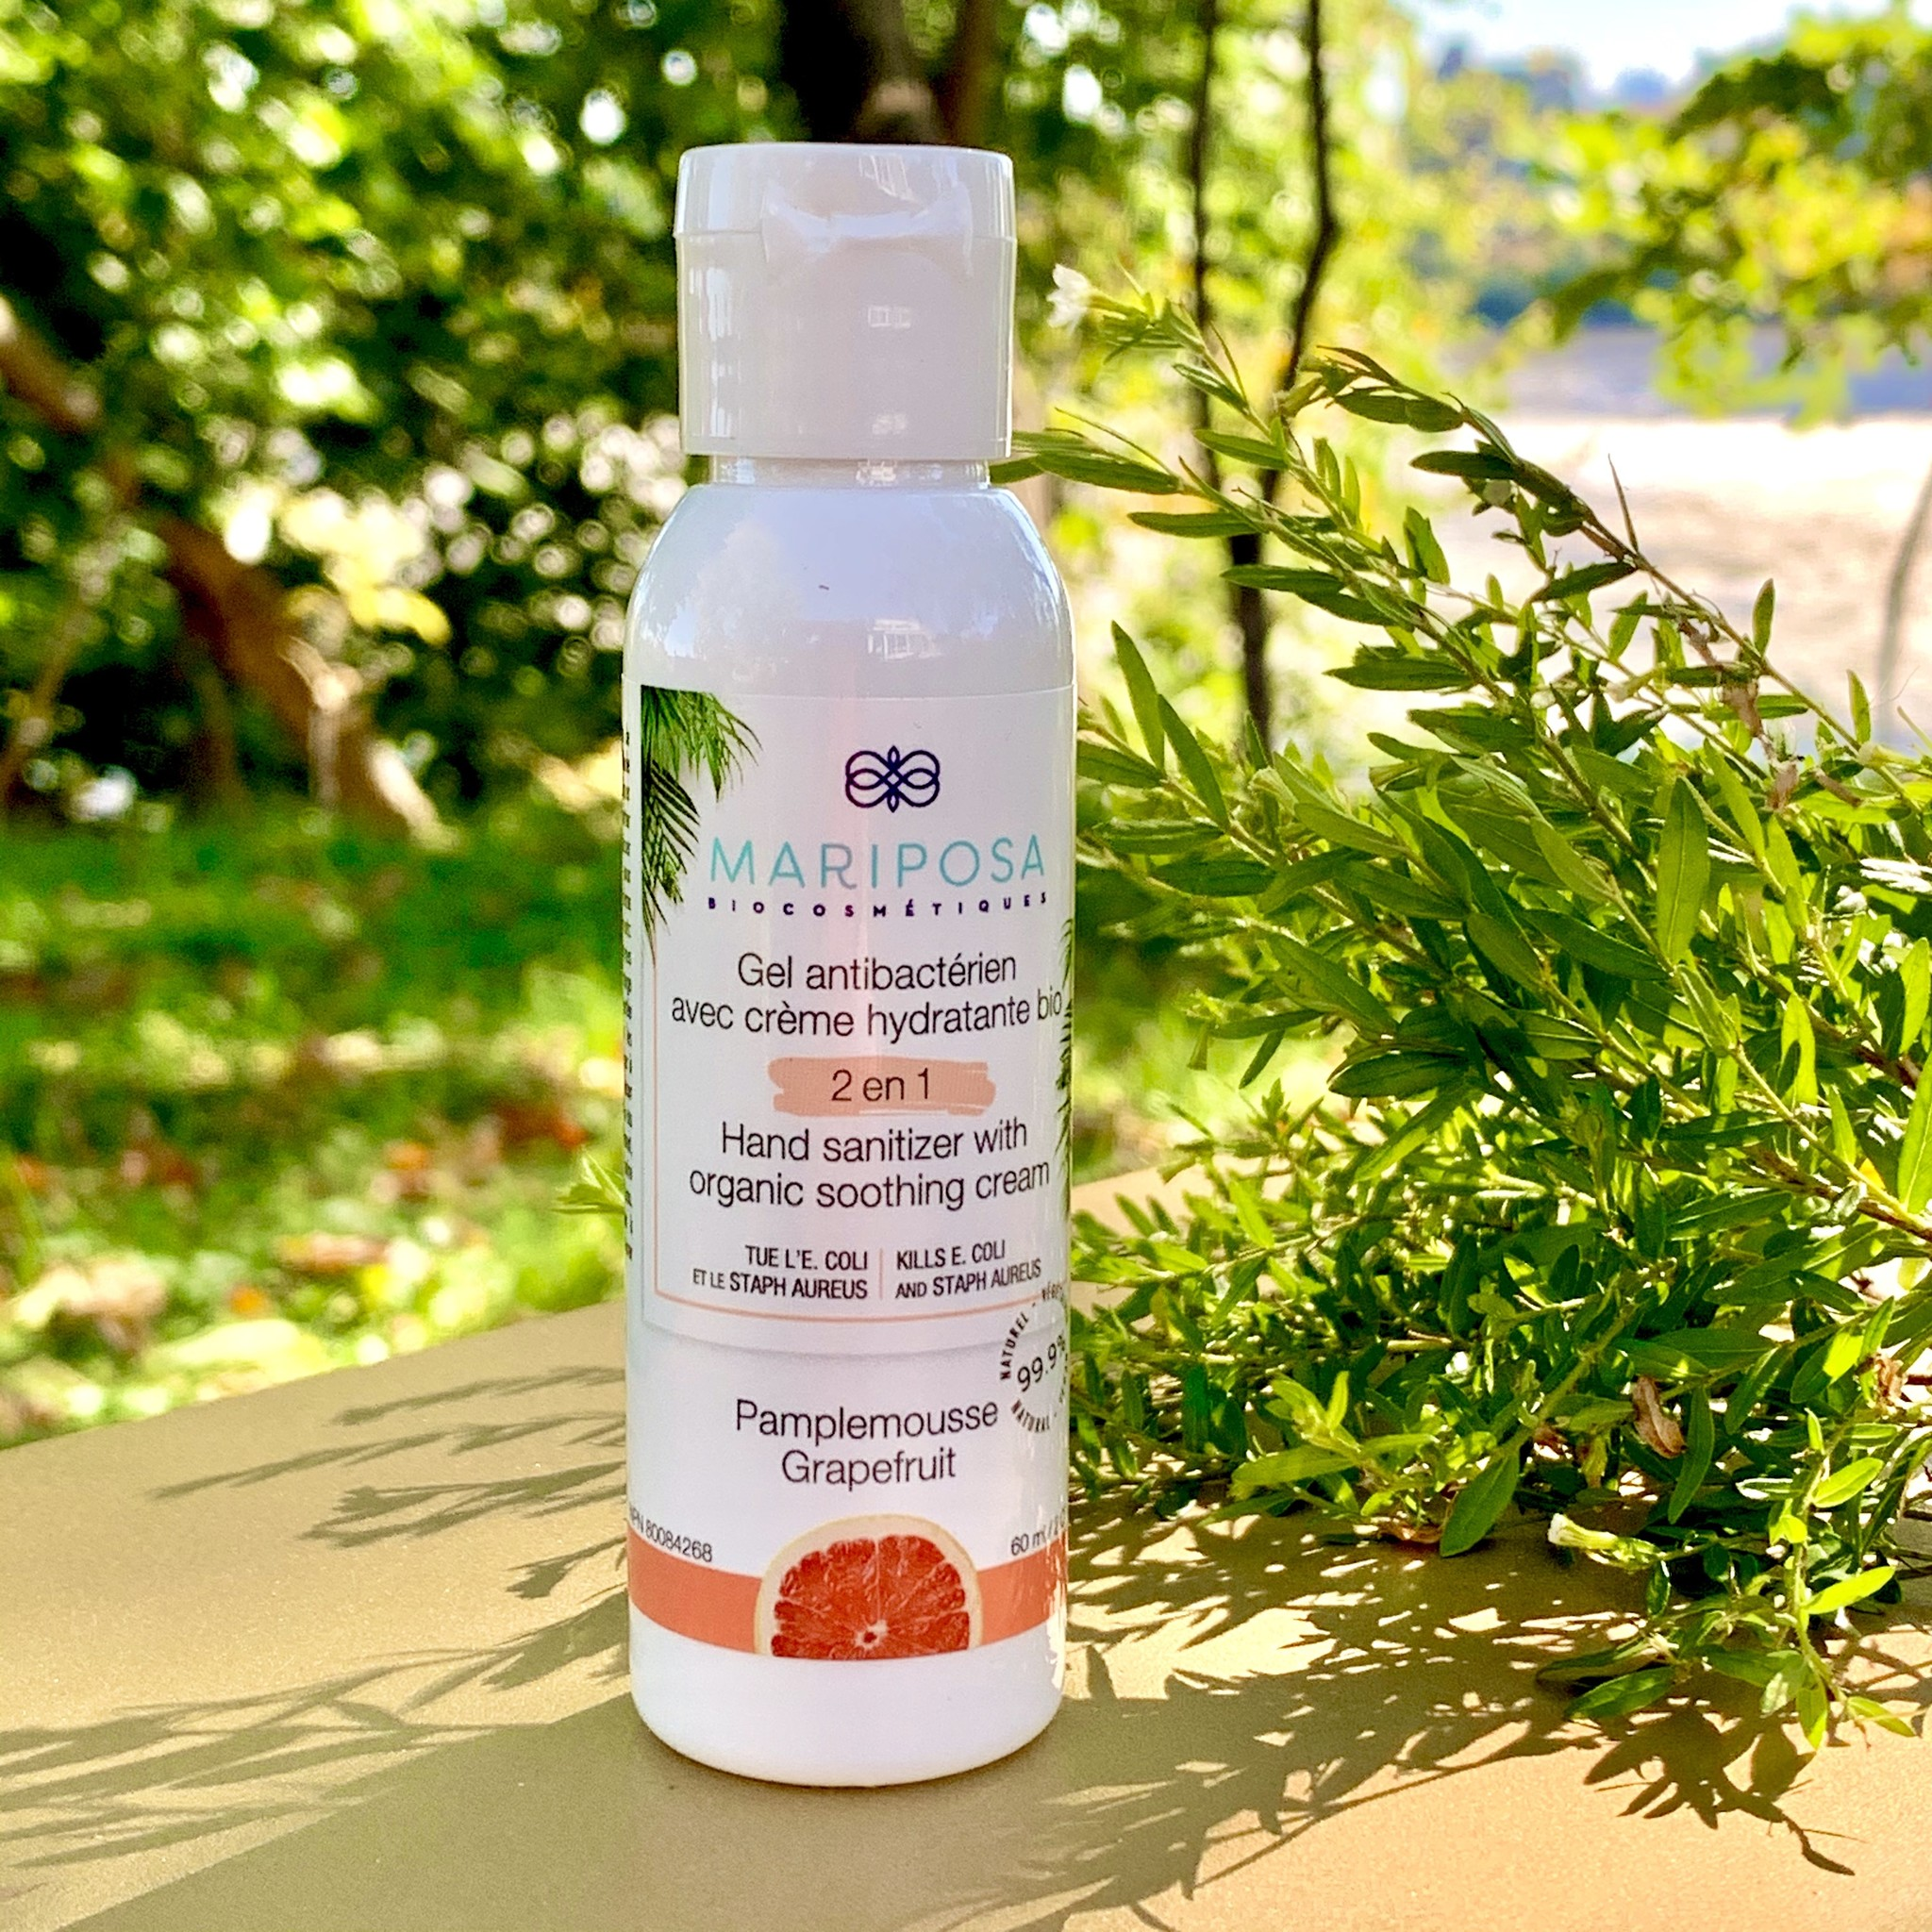 Mariposa Gel antibactérien pamplemousse 60 ml